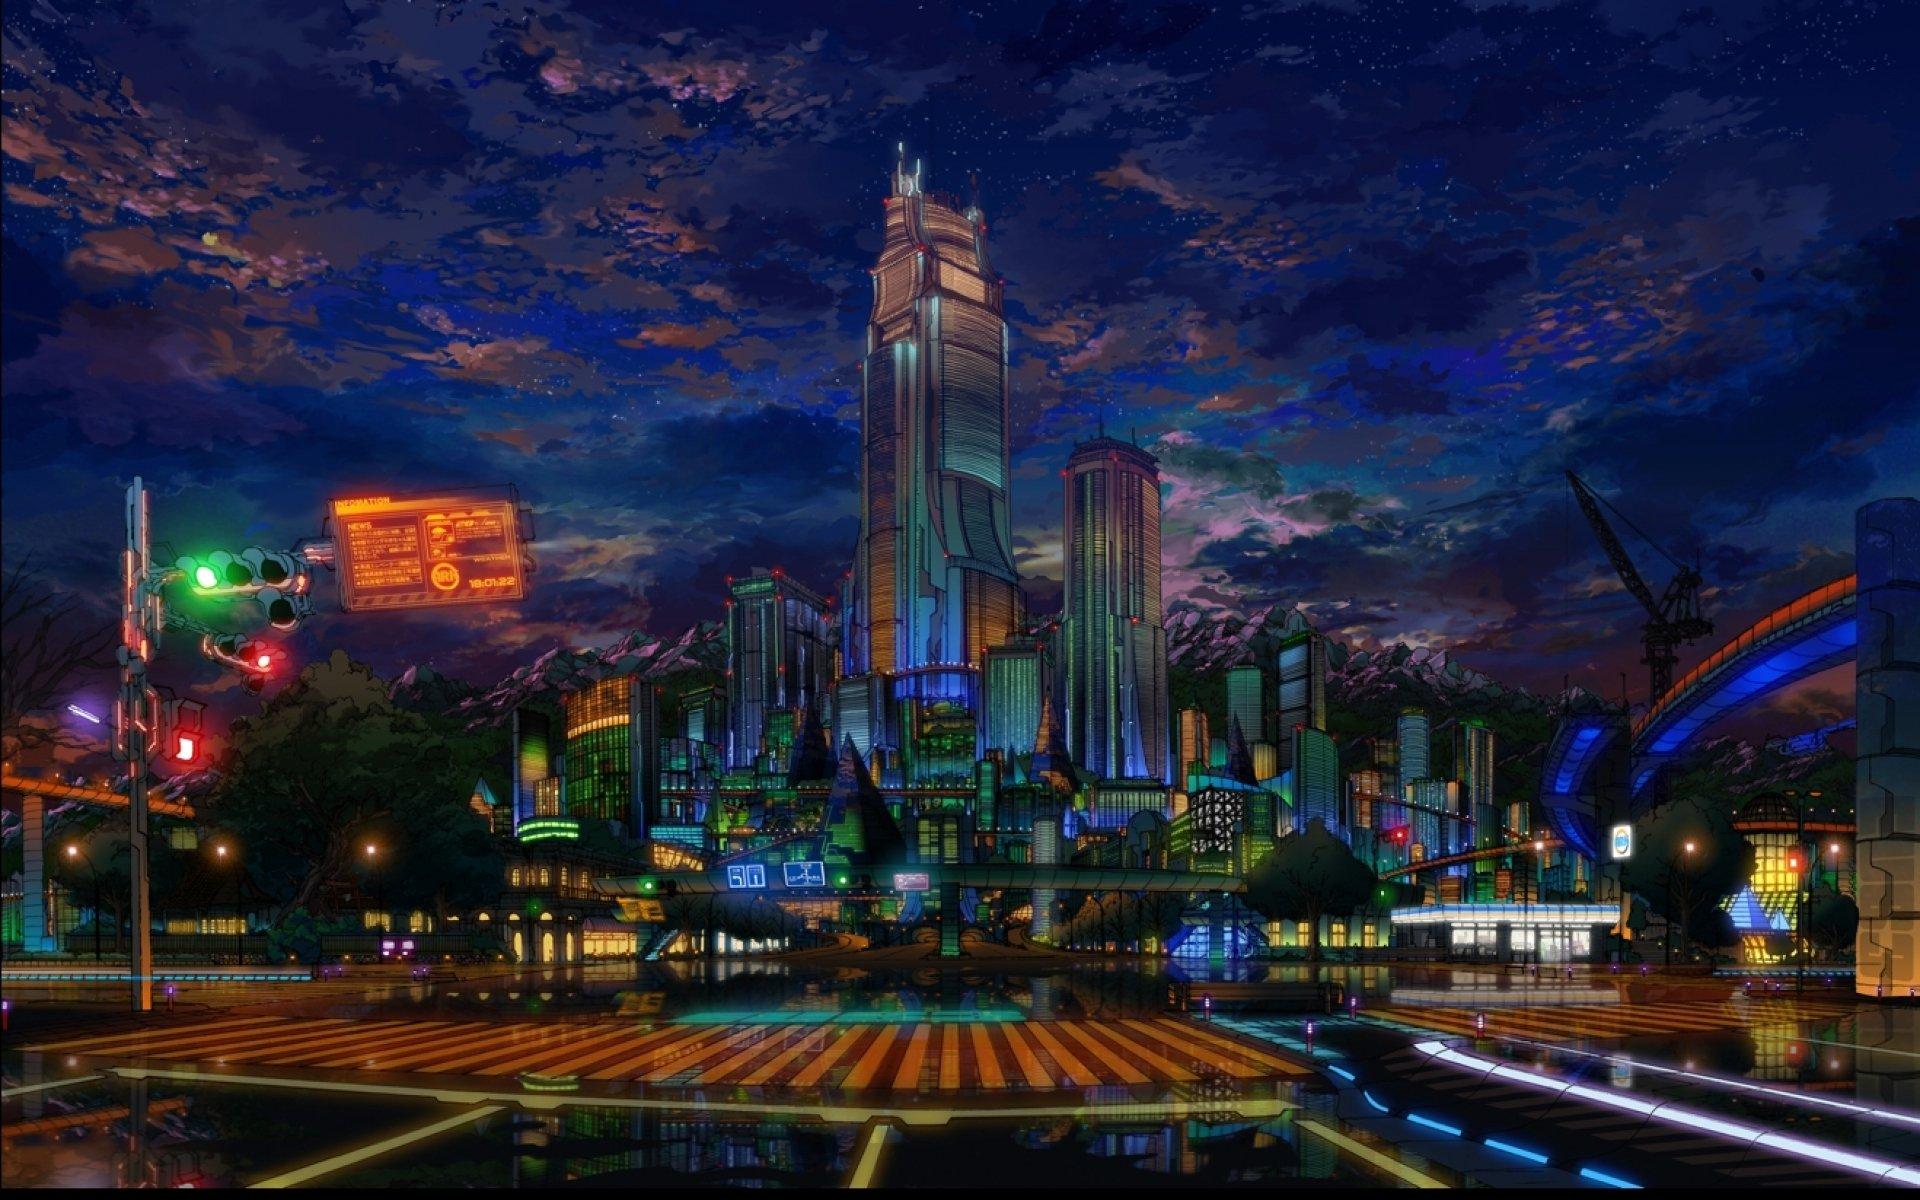 1920×1200-px-anime-ART-artwork-cities-city-detail-fantasy-original-1566383